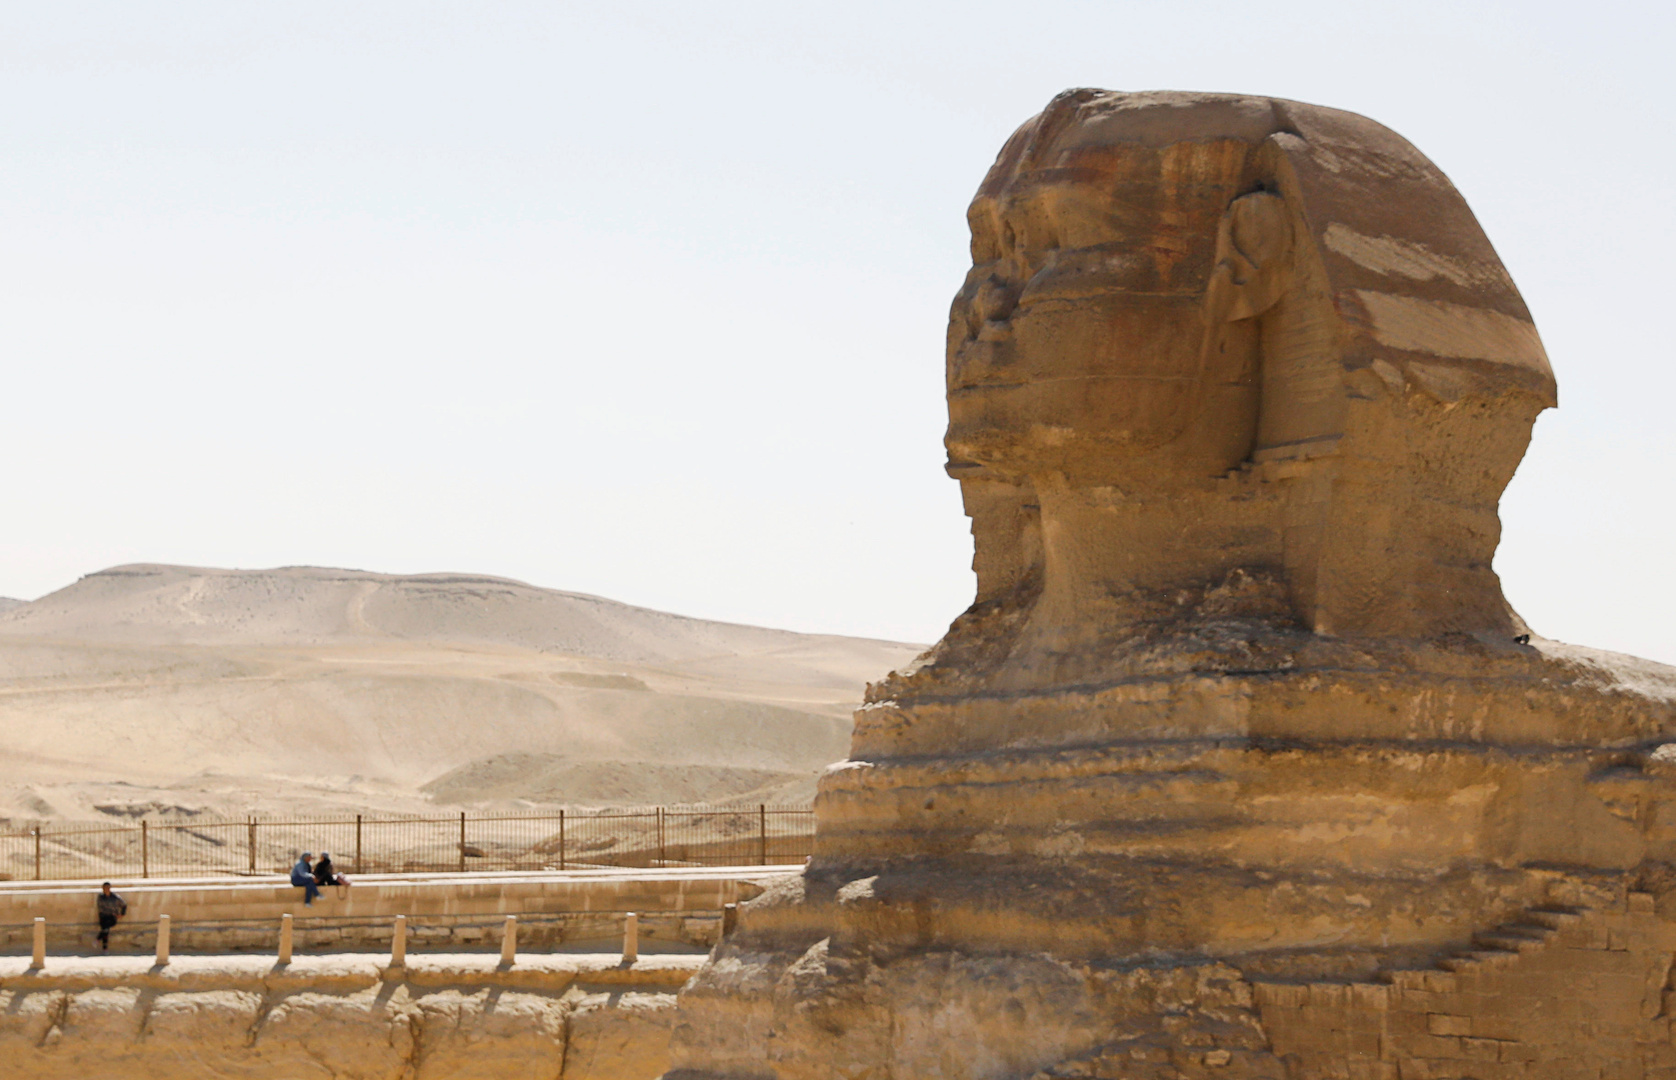 مصر.. اكتشاف كنوز فرعونية جديدة (صور)